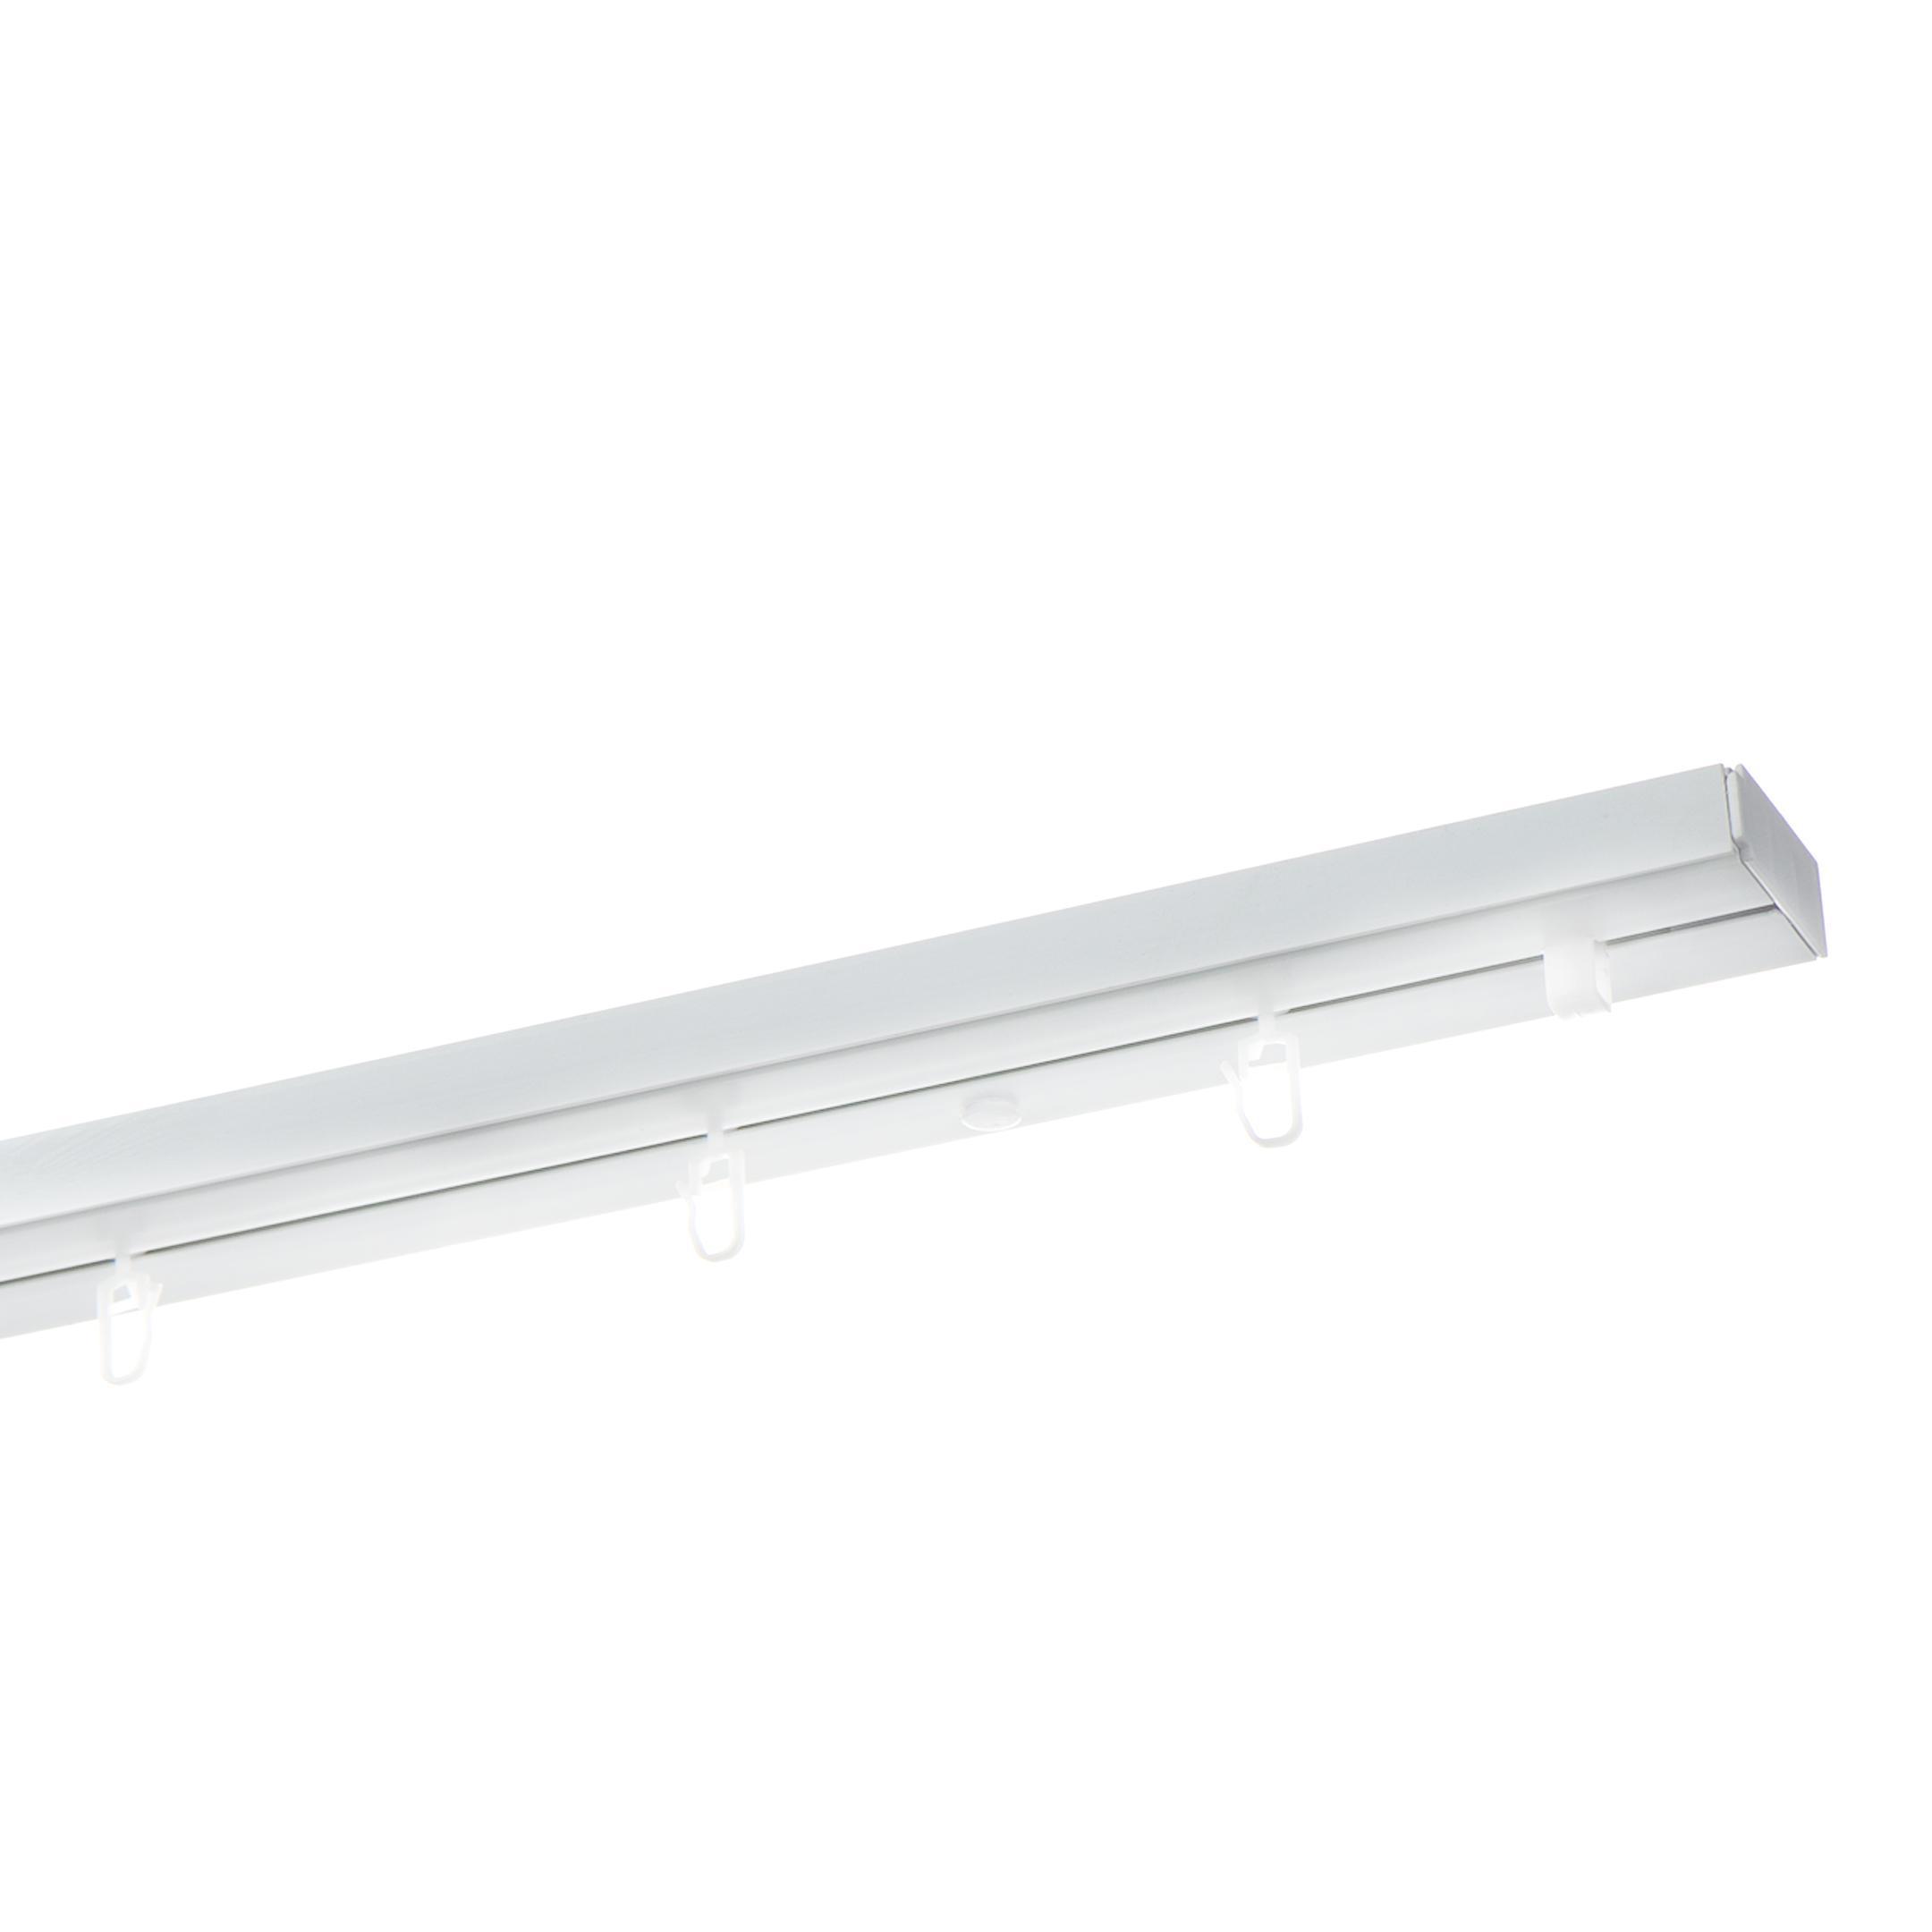 Карниз потолочный пластмассовый однорядный 200 см белый цены онлайн